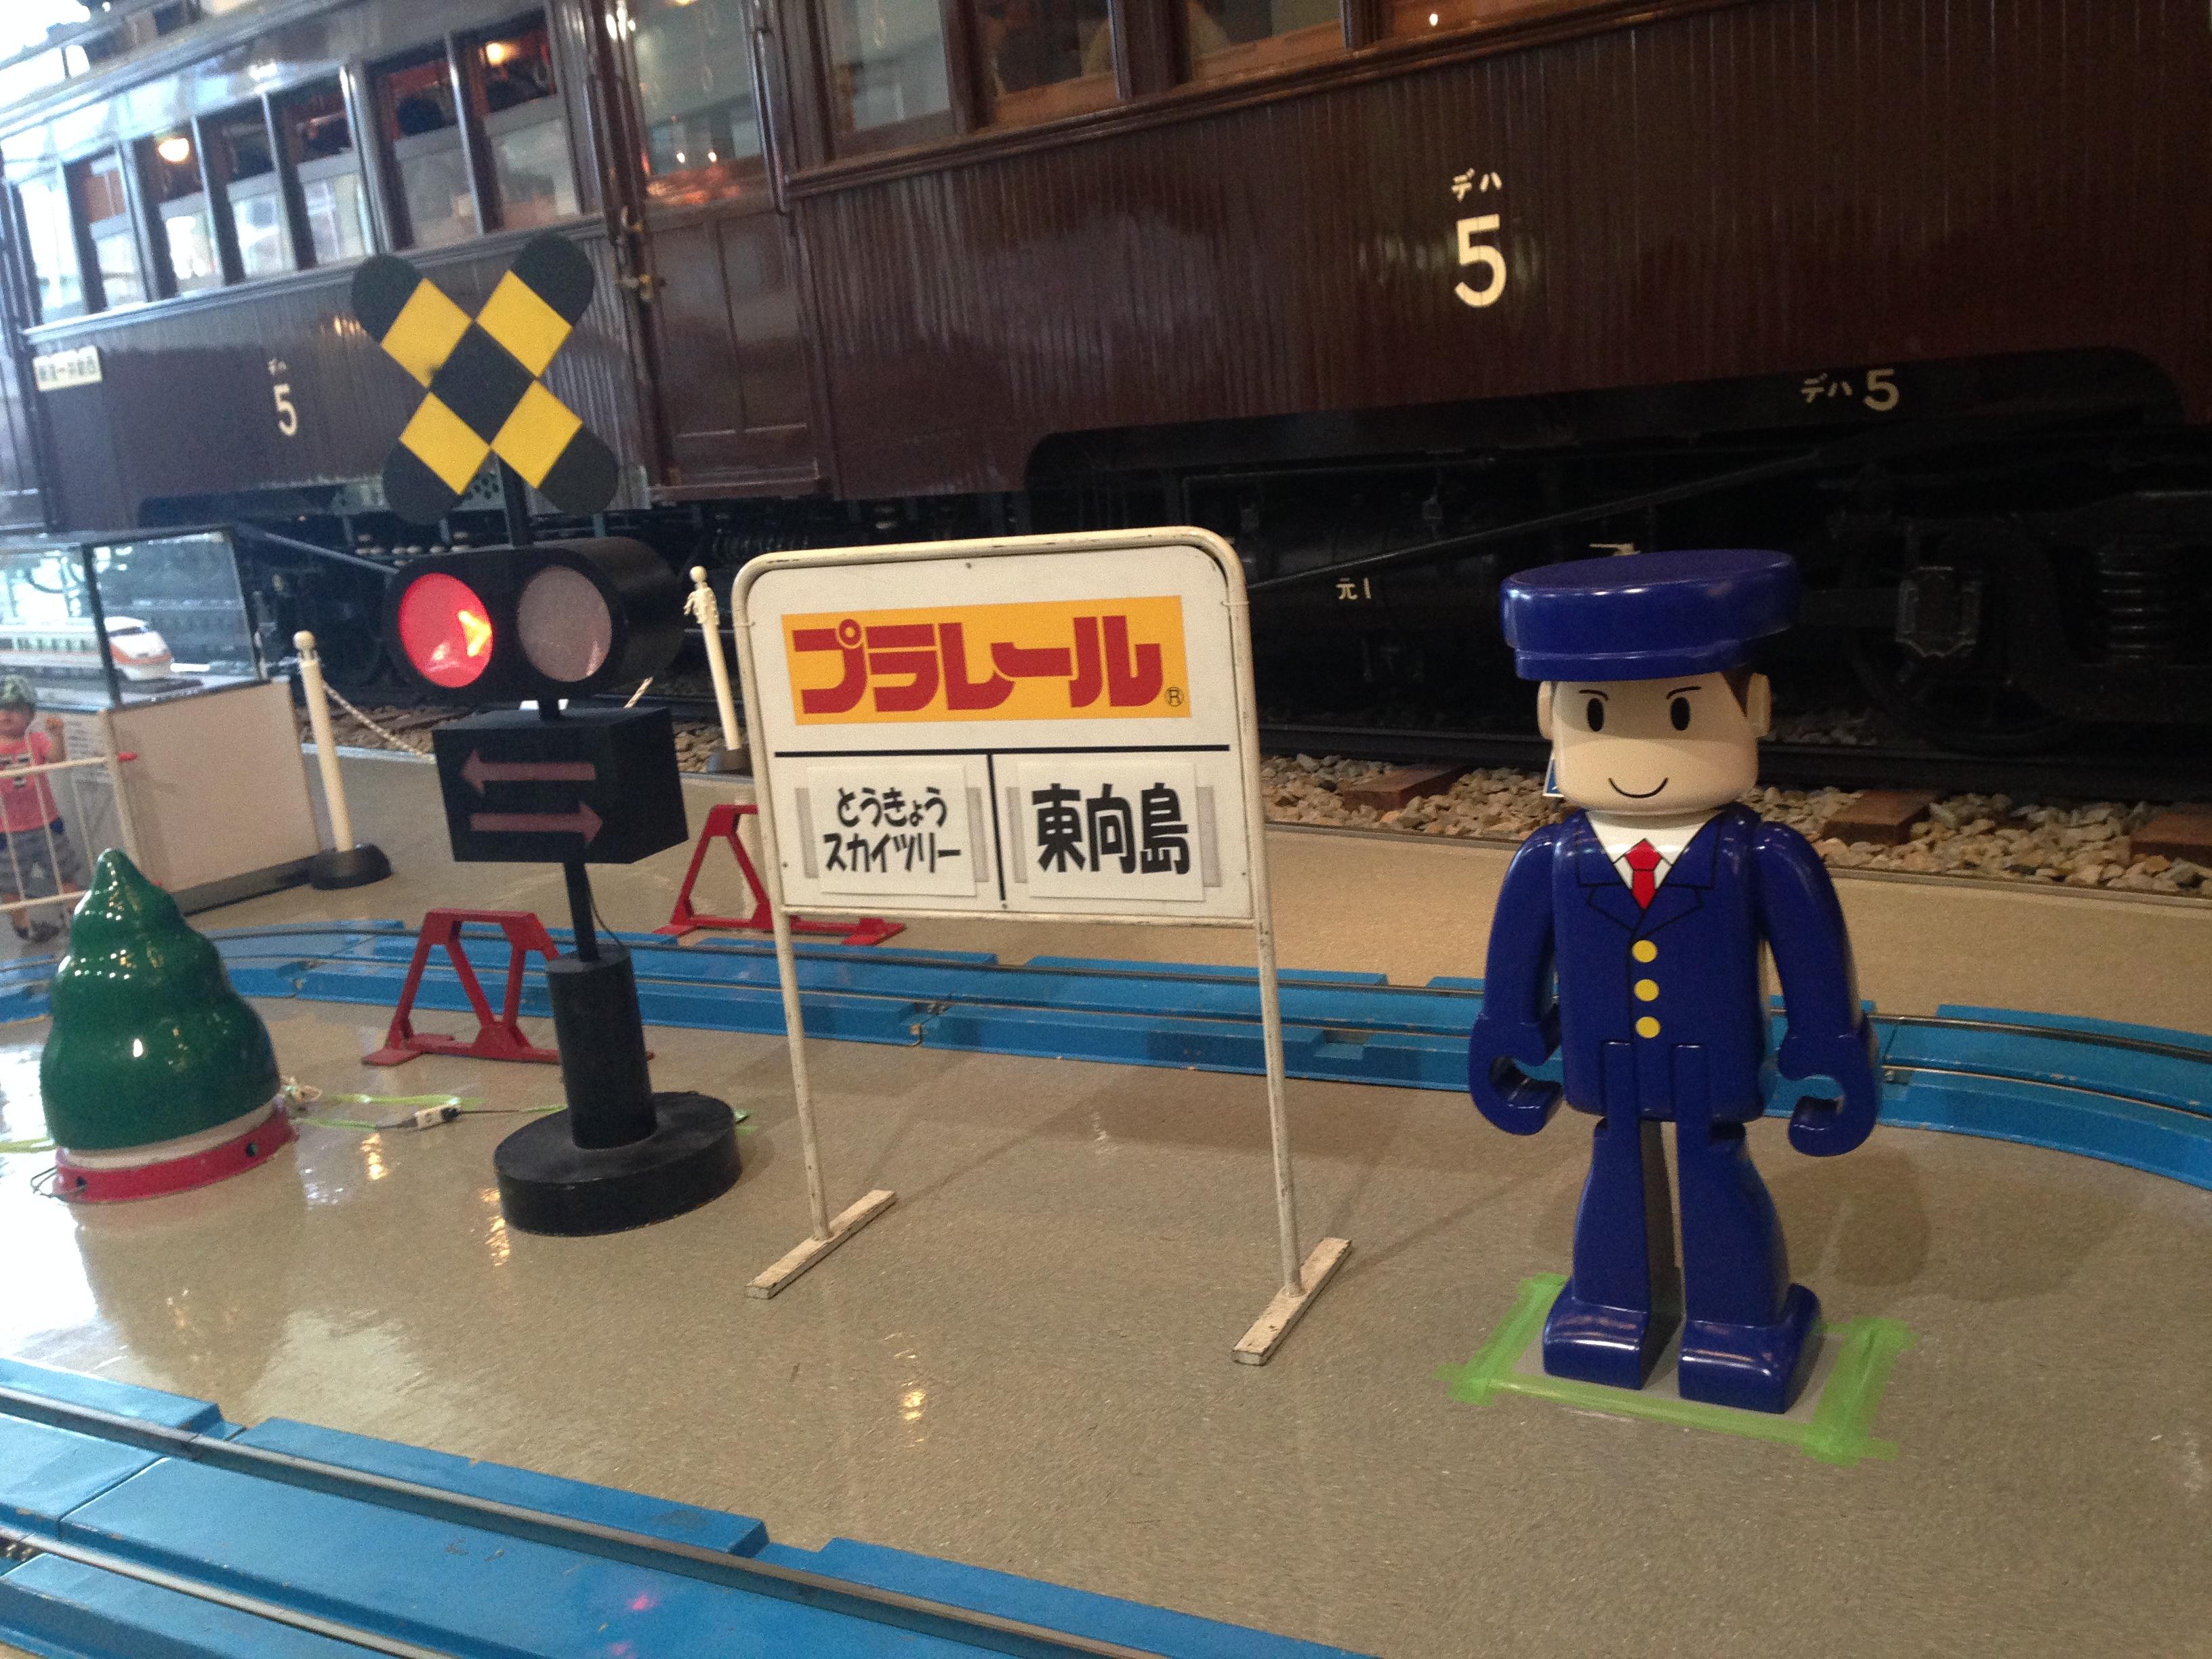 東武博物館のプラレールフェスティバルはすごい混雑だけど楽しめる!